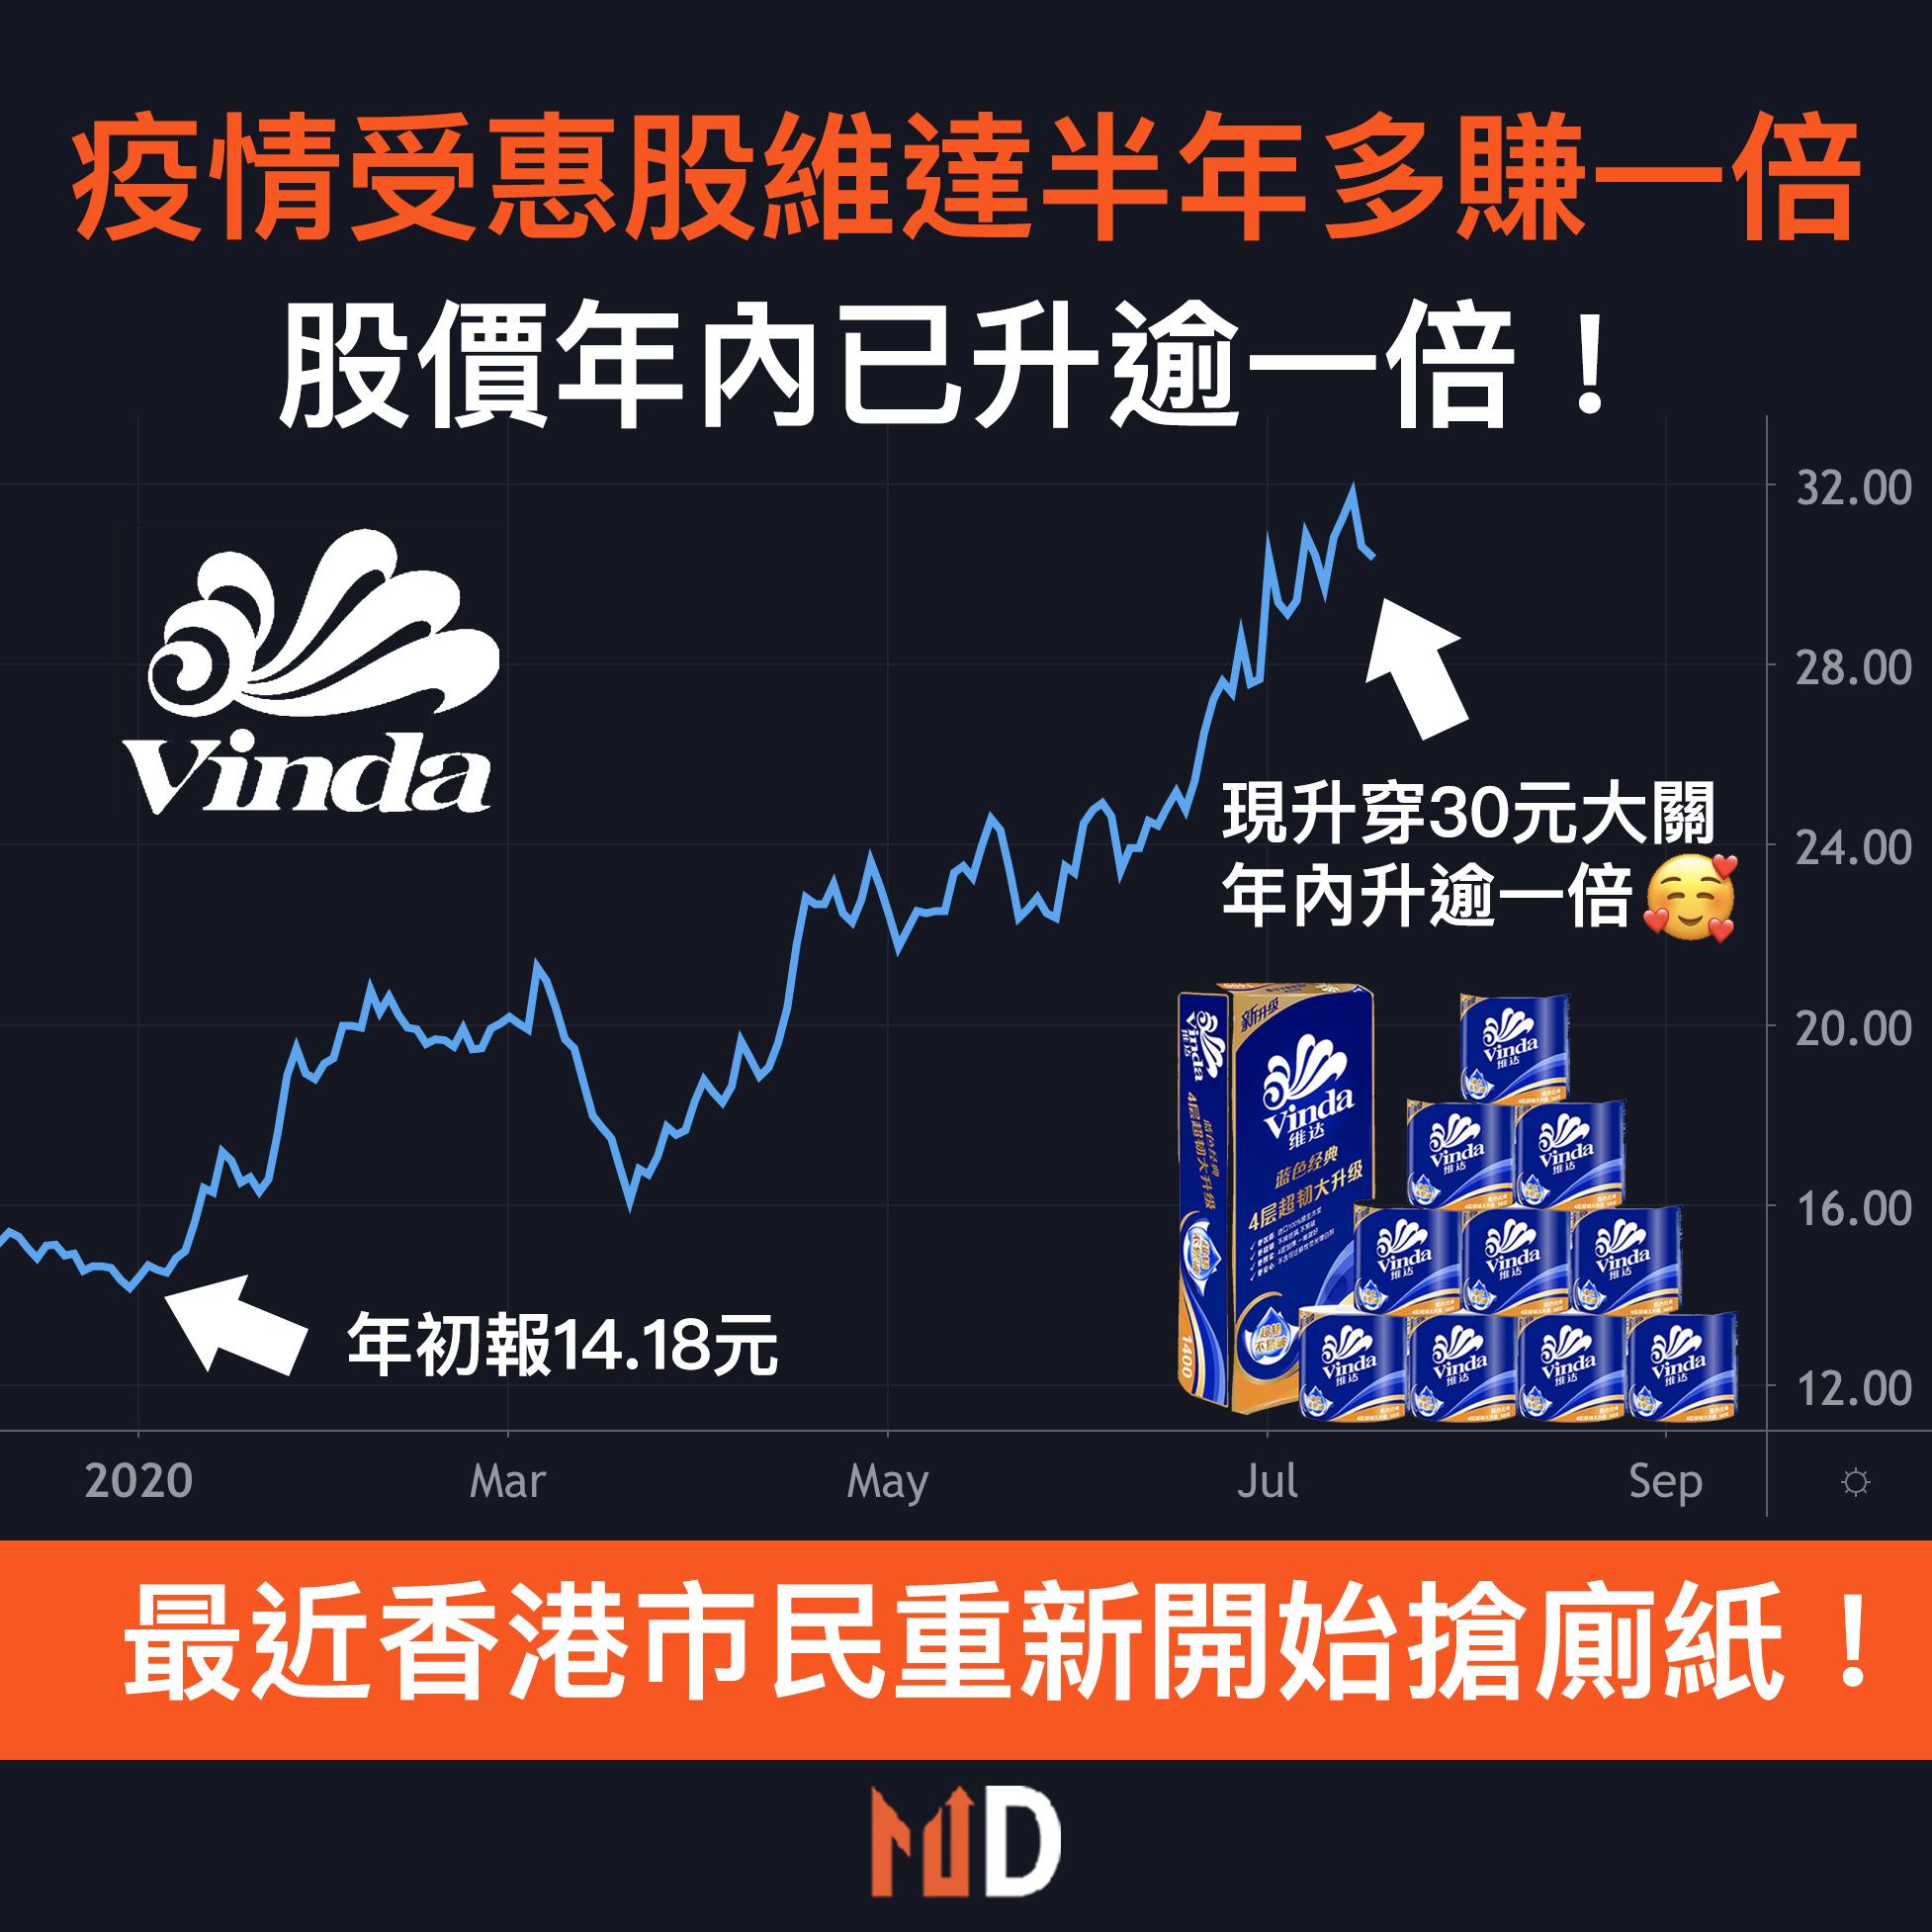 【圖解股市】疫情受惠股維達半年多賺一倍,股價年內已升逾一倍!